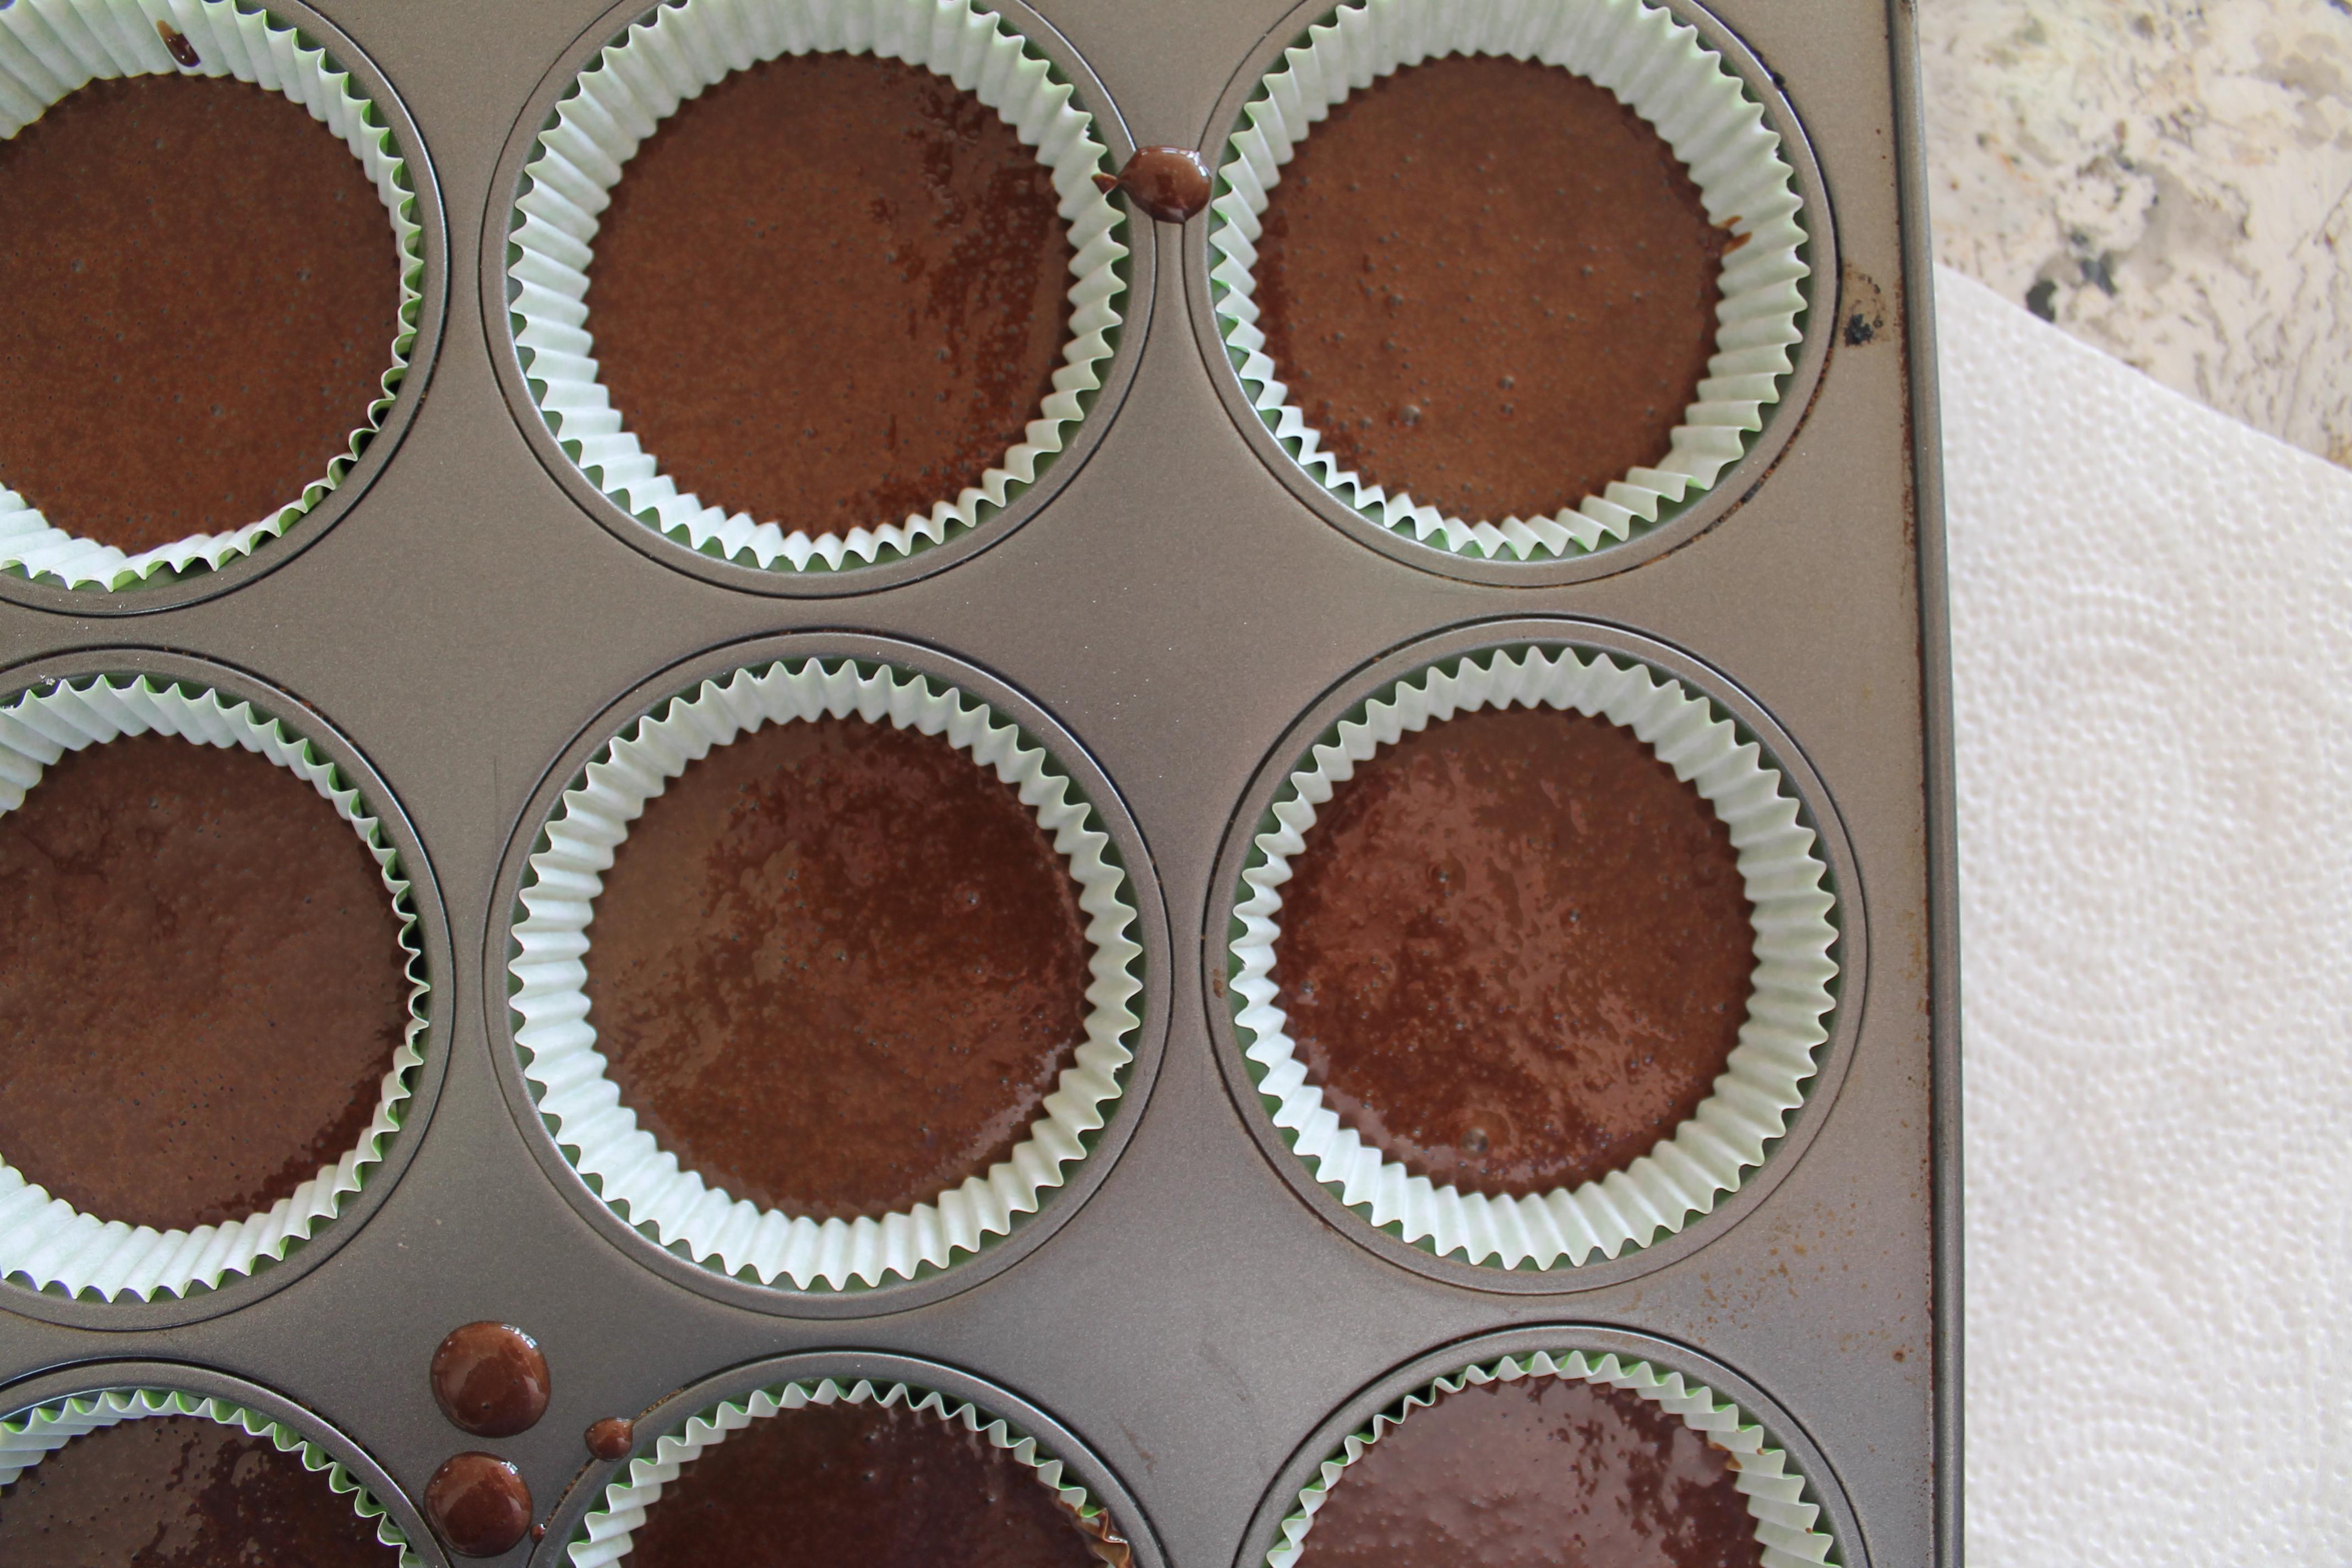 Filled Cupcake Tray